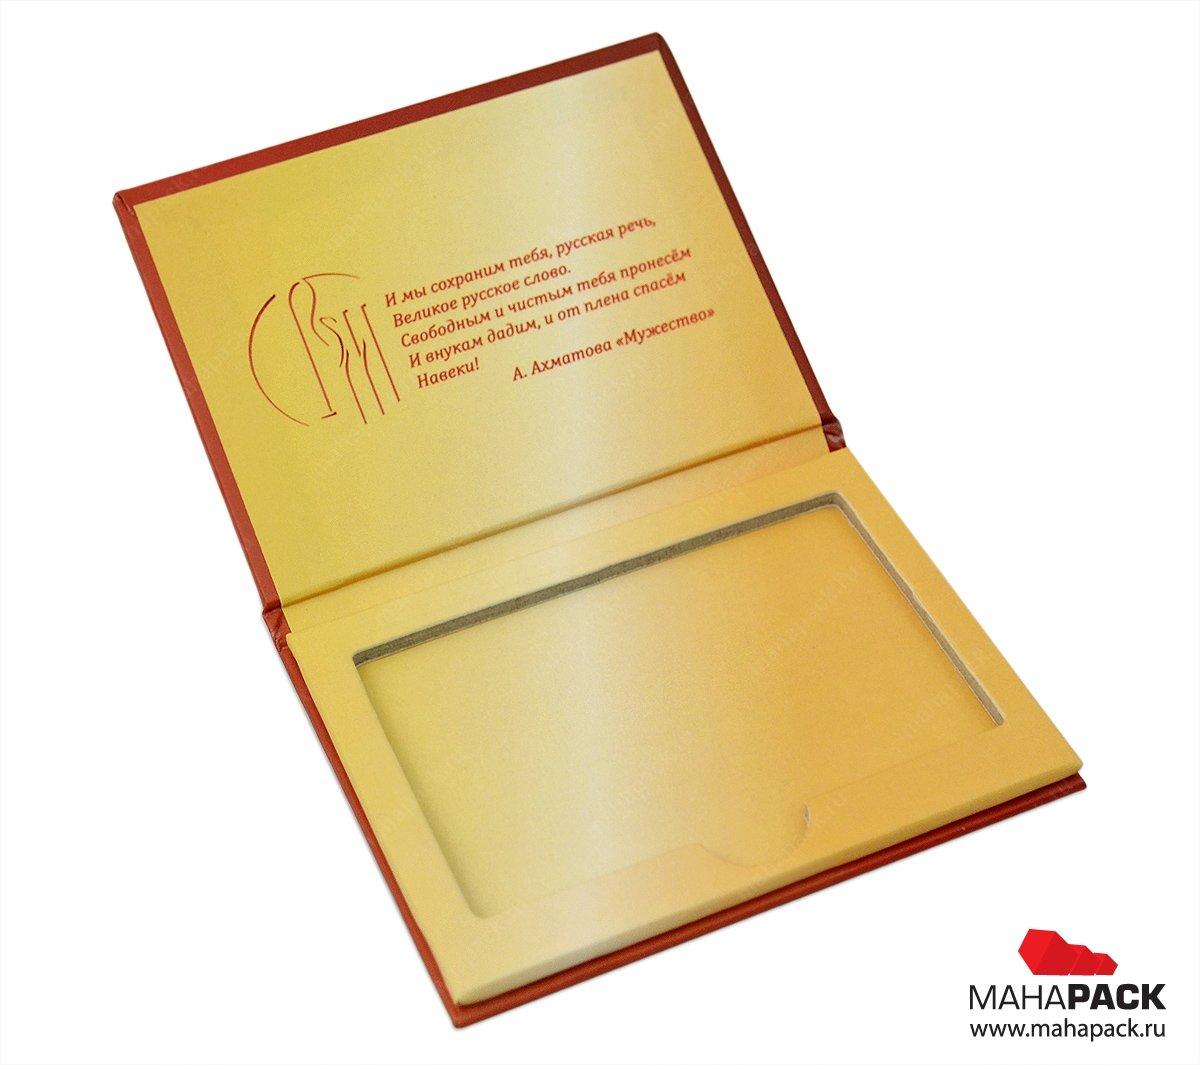 Индивидуальная упаковка для пластиковой карты.